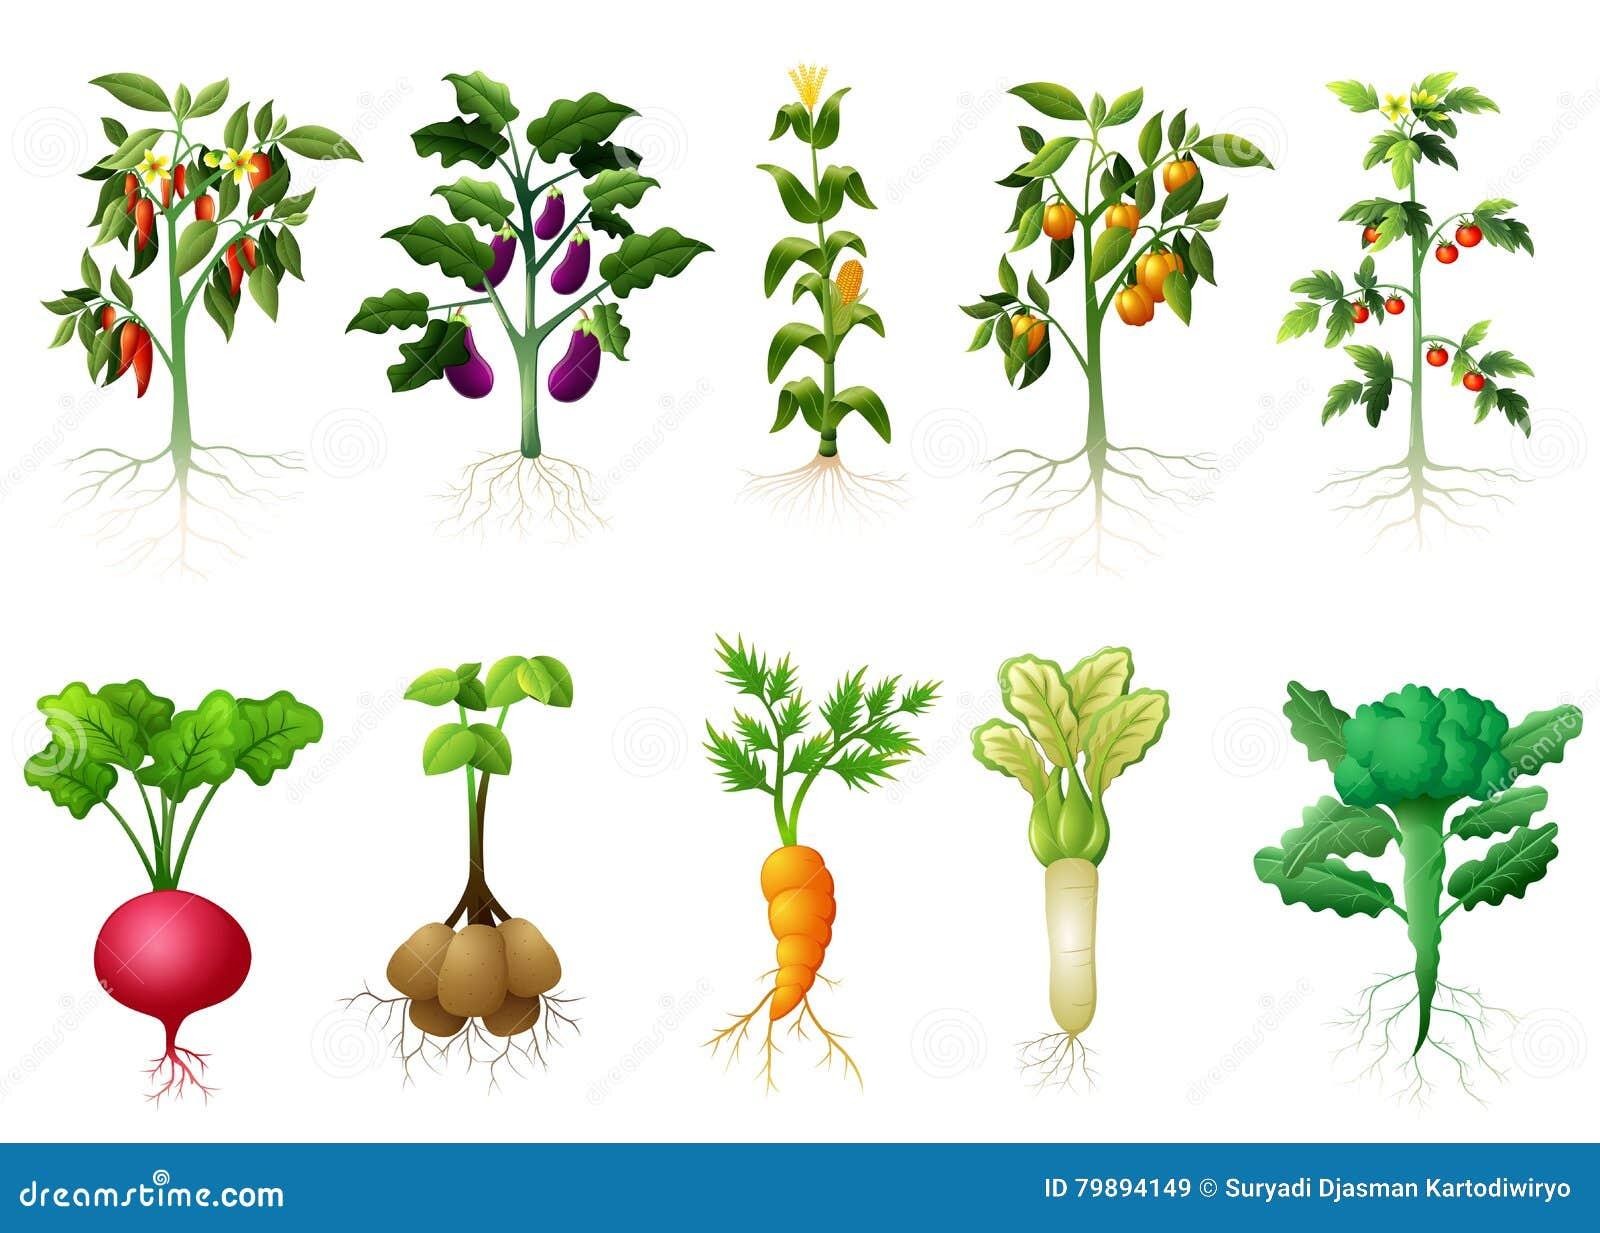 Velen vriendelijke installatie van groenten met wortelsillustratie